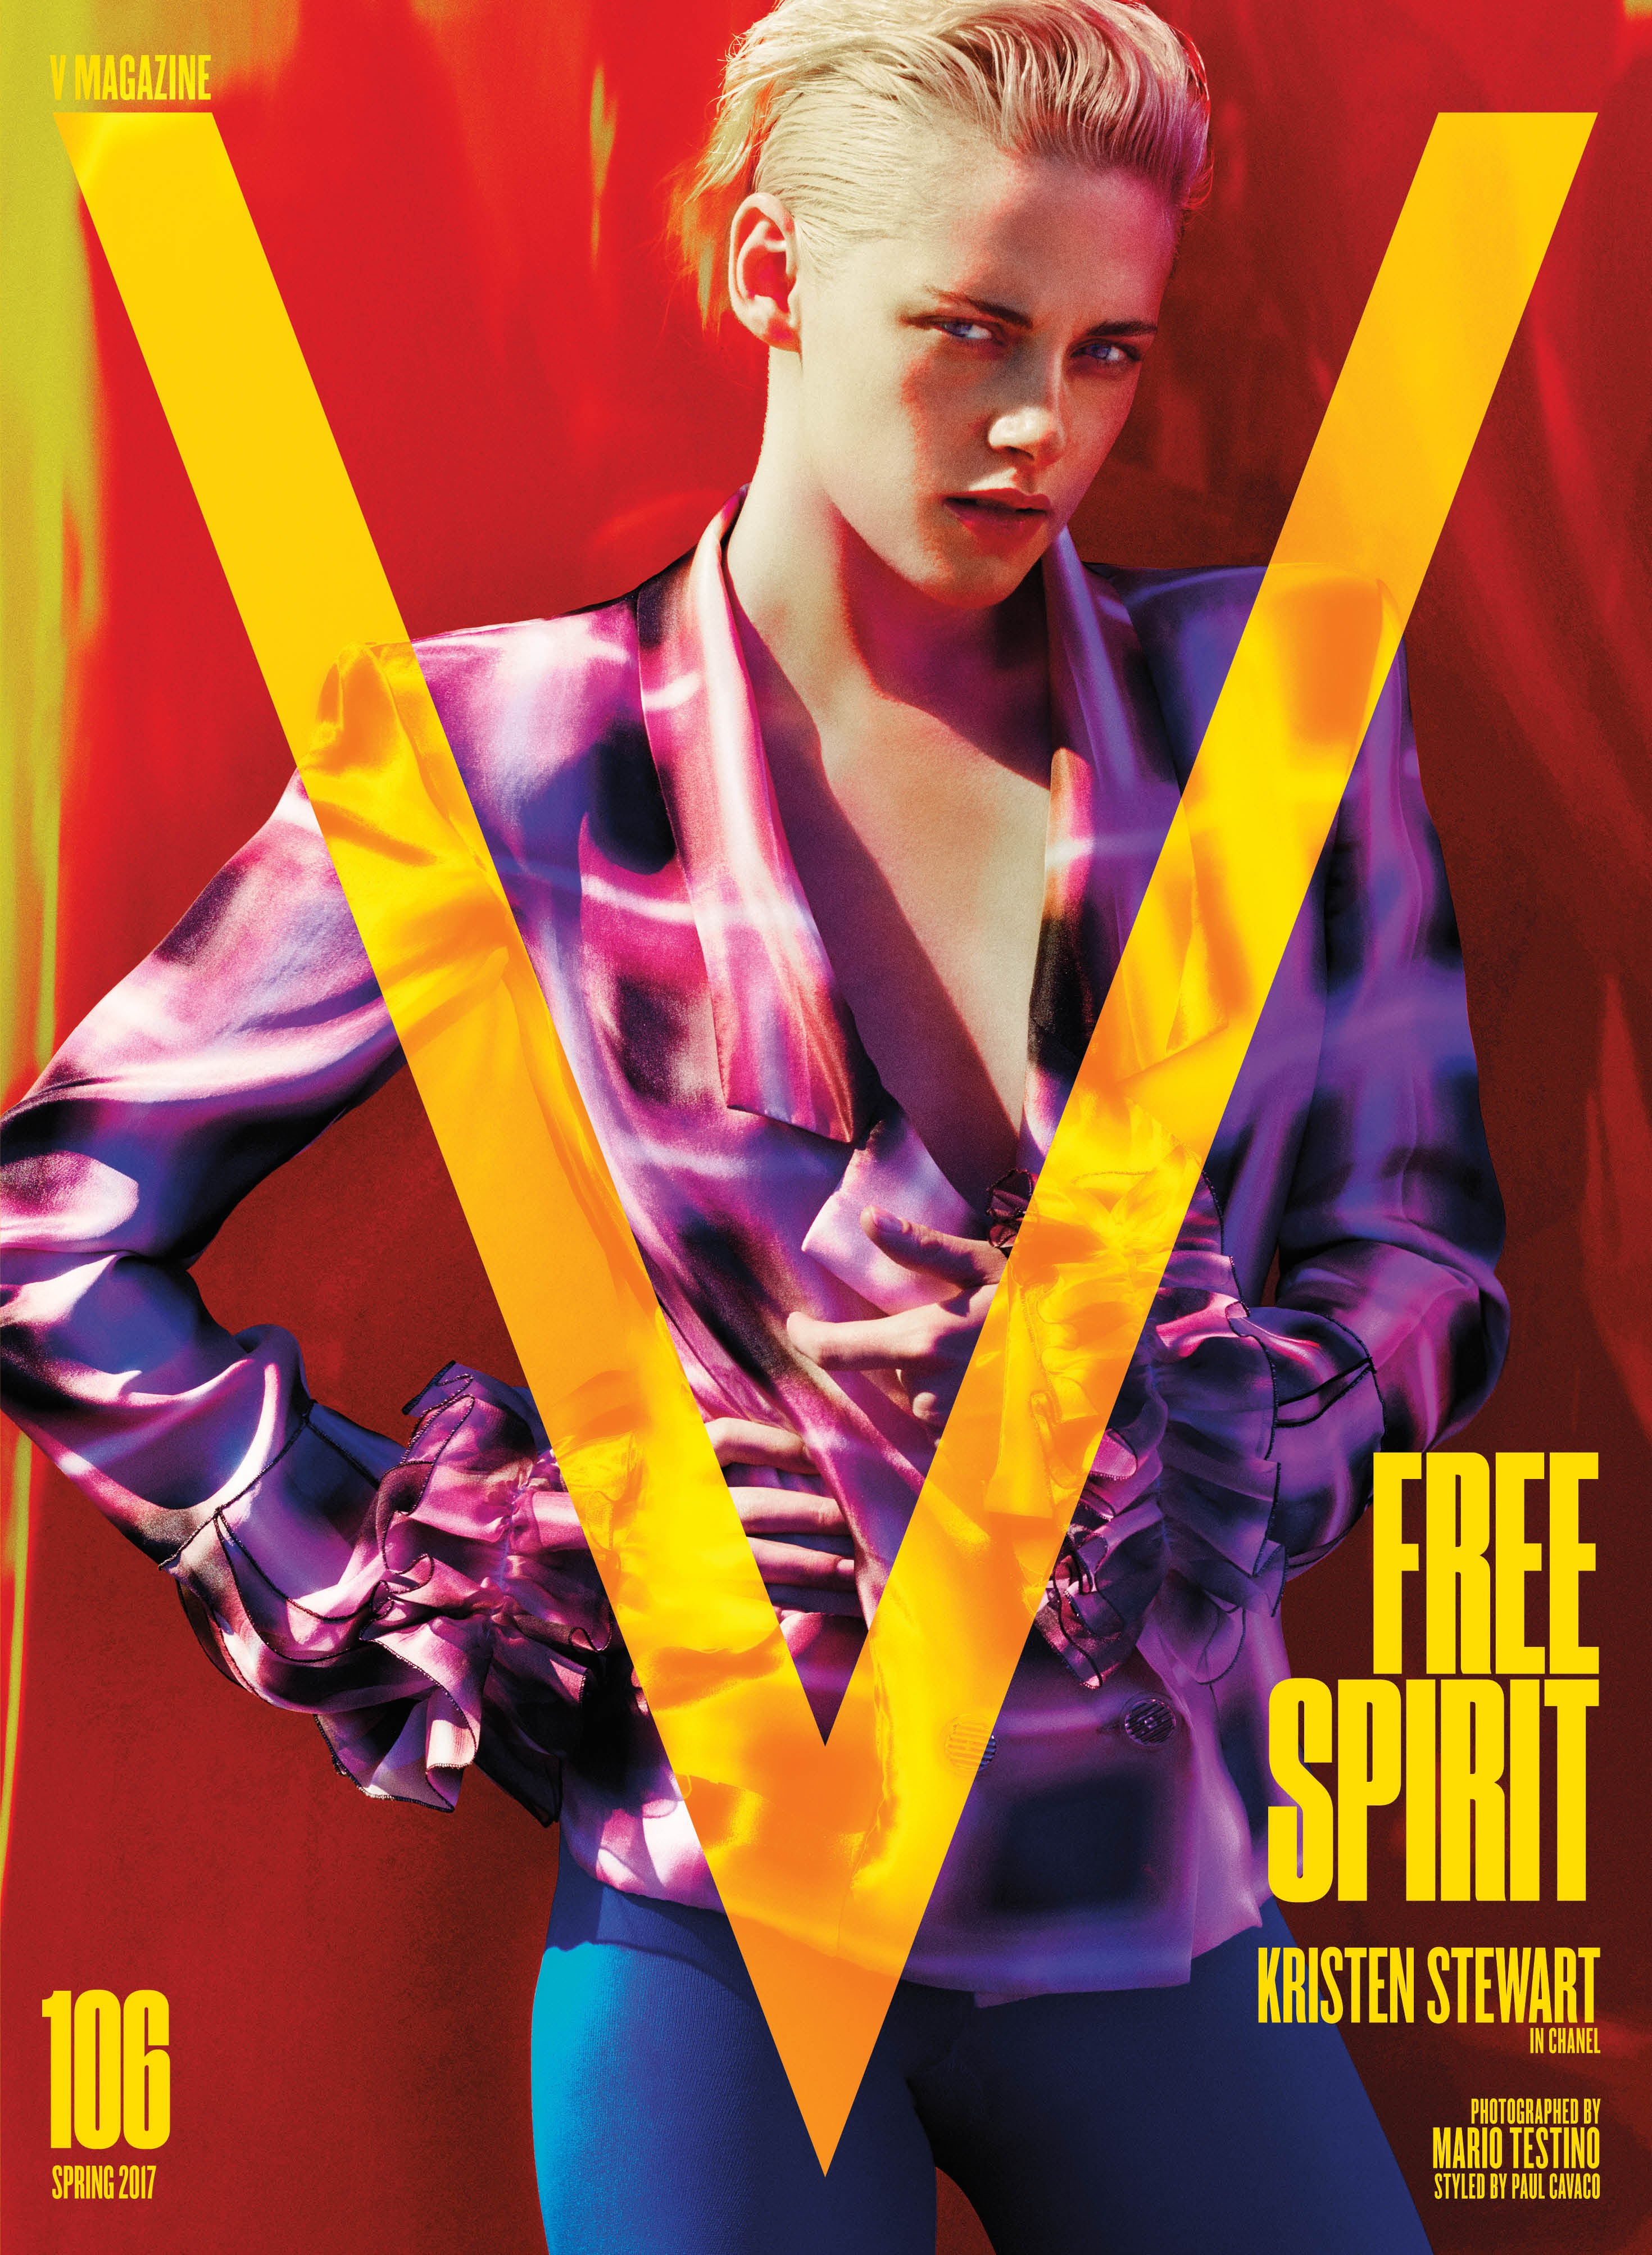 Kristen Stewart in V magazine photoshoot